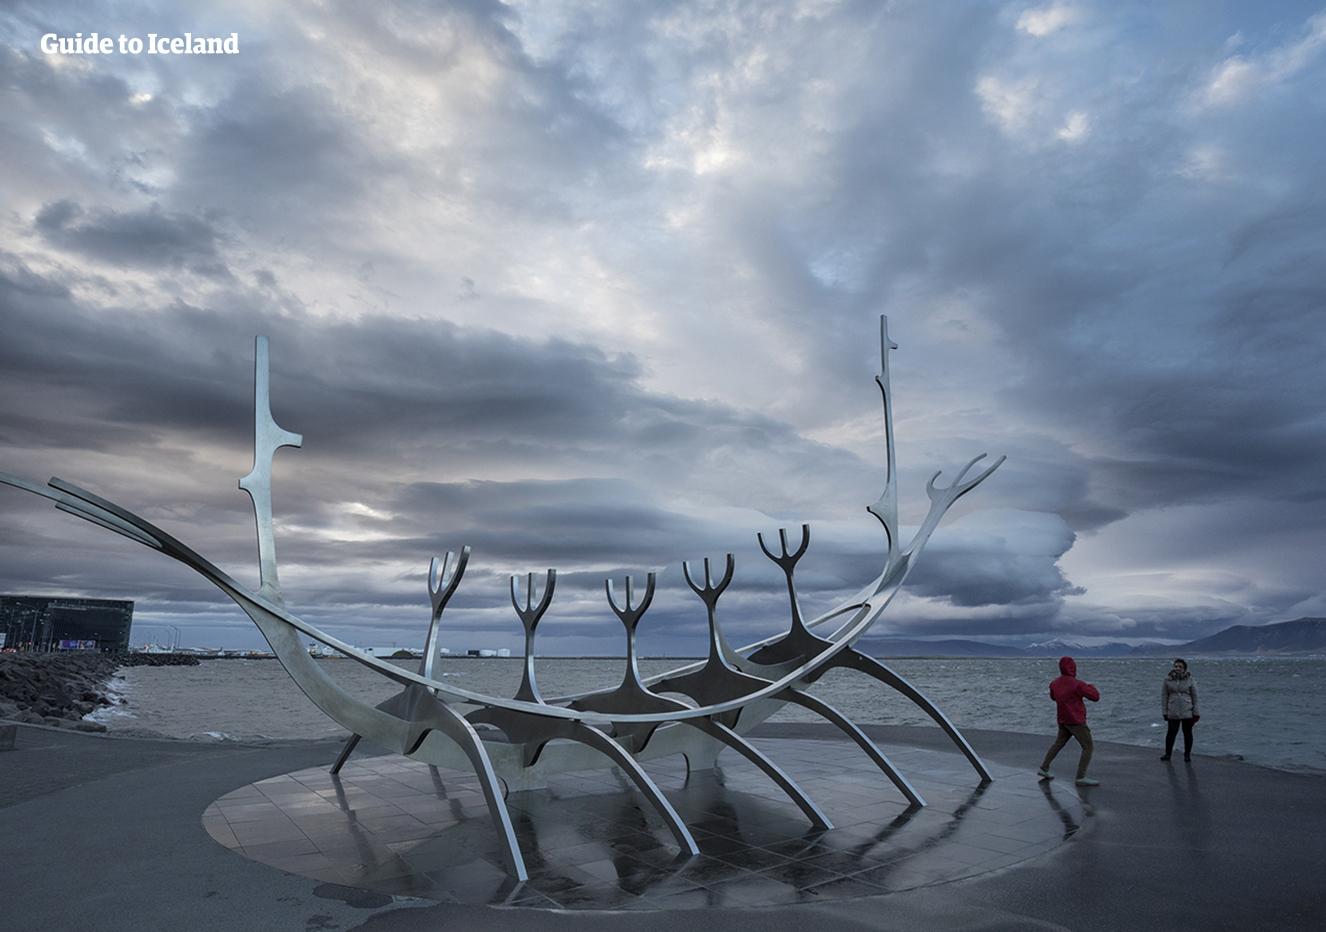 El Viajero del Sol, un popular punto de escultura y fotografía para los visitantes de Islandia.